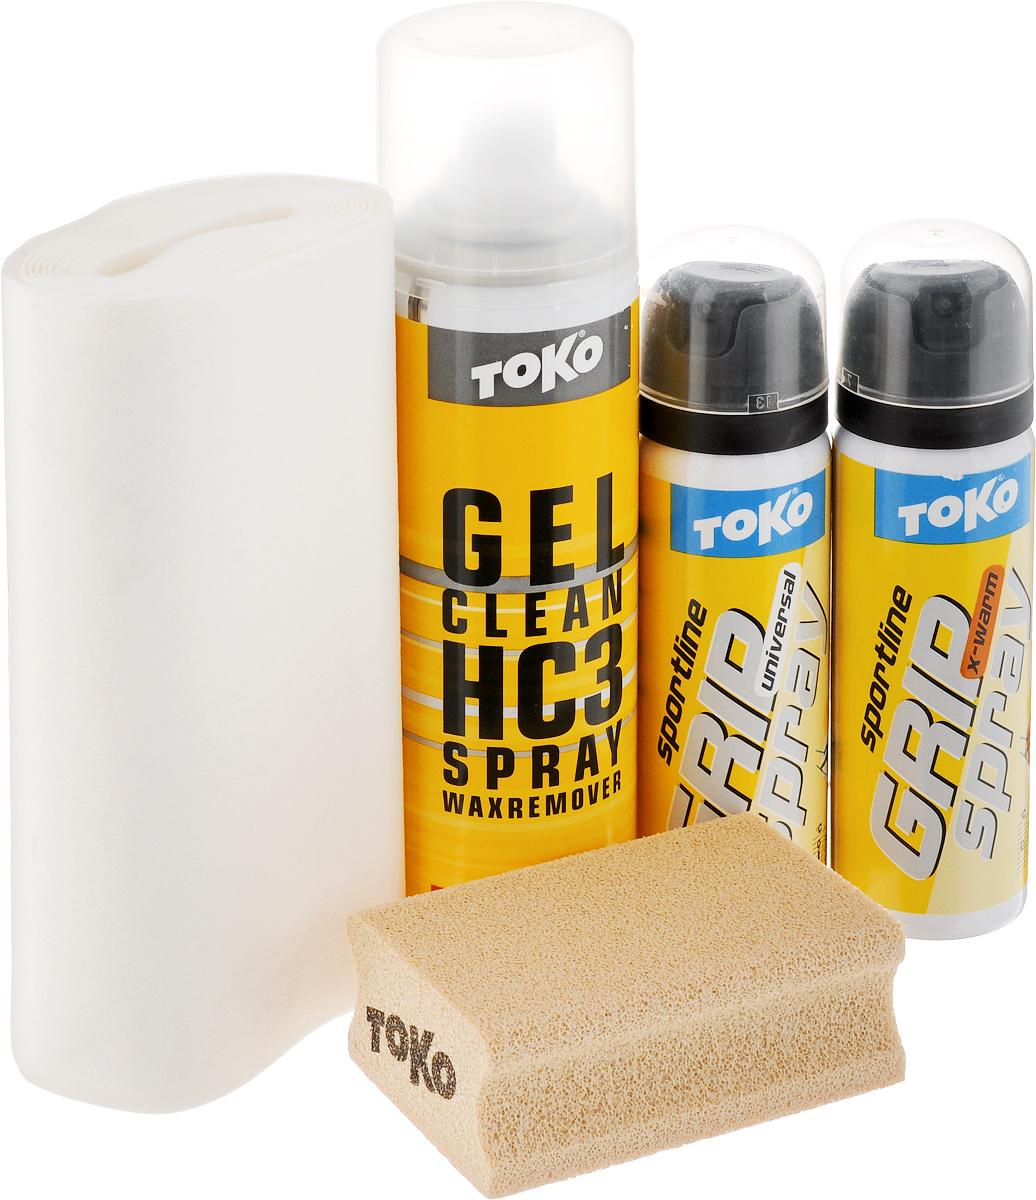 Набор для обработки лыж Toko Sport Line Grip Spray, 5 предметовKarjala Comfort NNNНабор Sport Line Grip Spray - это идеальный помощник при занятии лыжным спортом. В набор входят: смывка, два спрея, специальная пробка и ткань для обработки поверхностей. Смывка-спрей предназначен для очистки колодки на лыжах. Спреи предназначены для держания при отталкивания в разных температурных условиях. Специальная ткань и пробка помогут вам обработать лыжи быстро и качественно.Порадуйте себя качественным и полезным набором.Объем гель-спрея Gel Clean: 150 мл.Объем спрея Grip Spray Universal: 70 мл.Объем спрея Grip Spray X-warm: 70 мл.Размер пробки: 7,7 х 5 х 3 см.Товар сертифицирован.